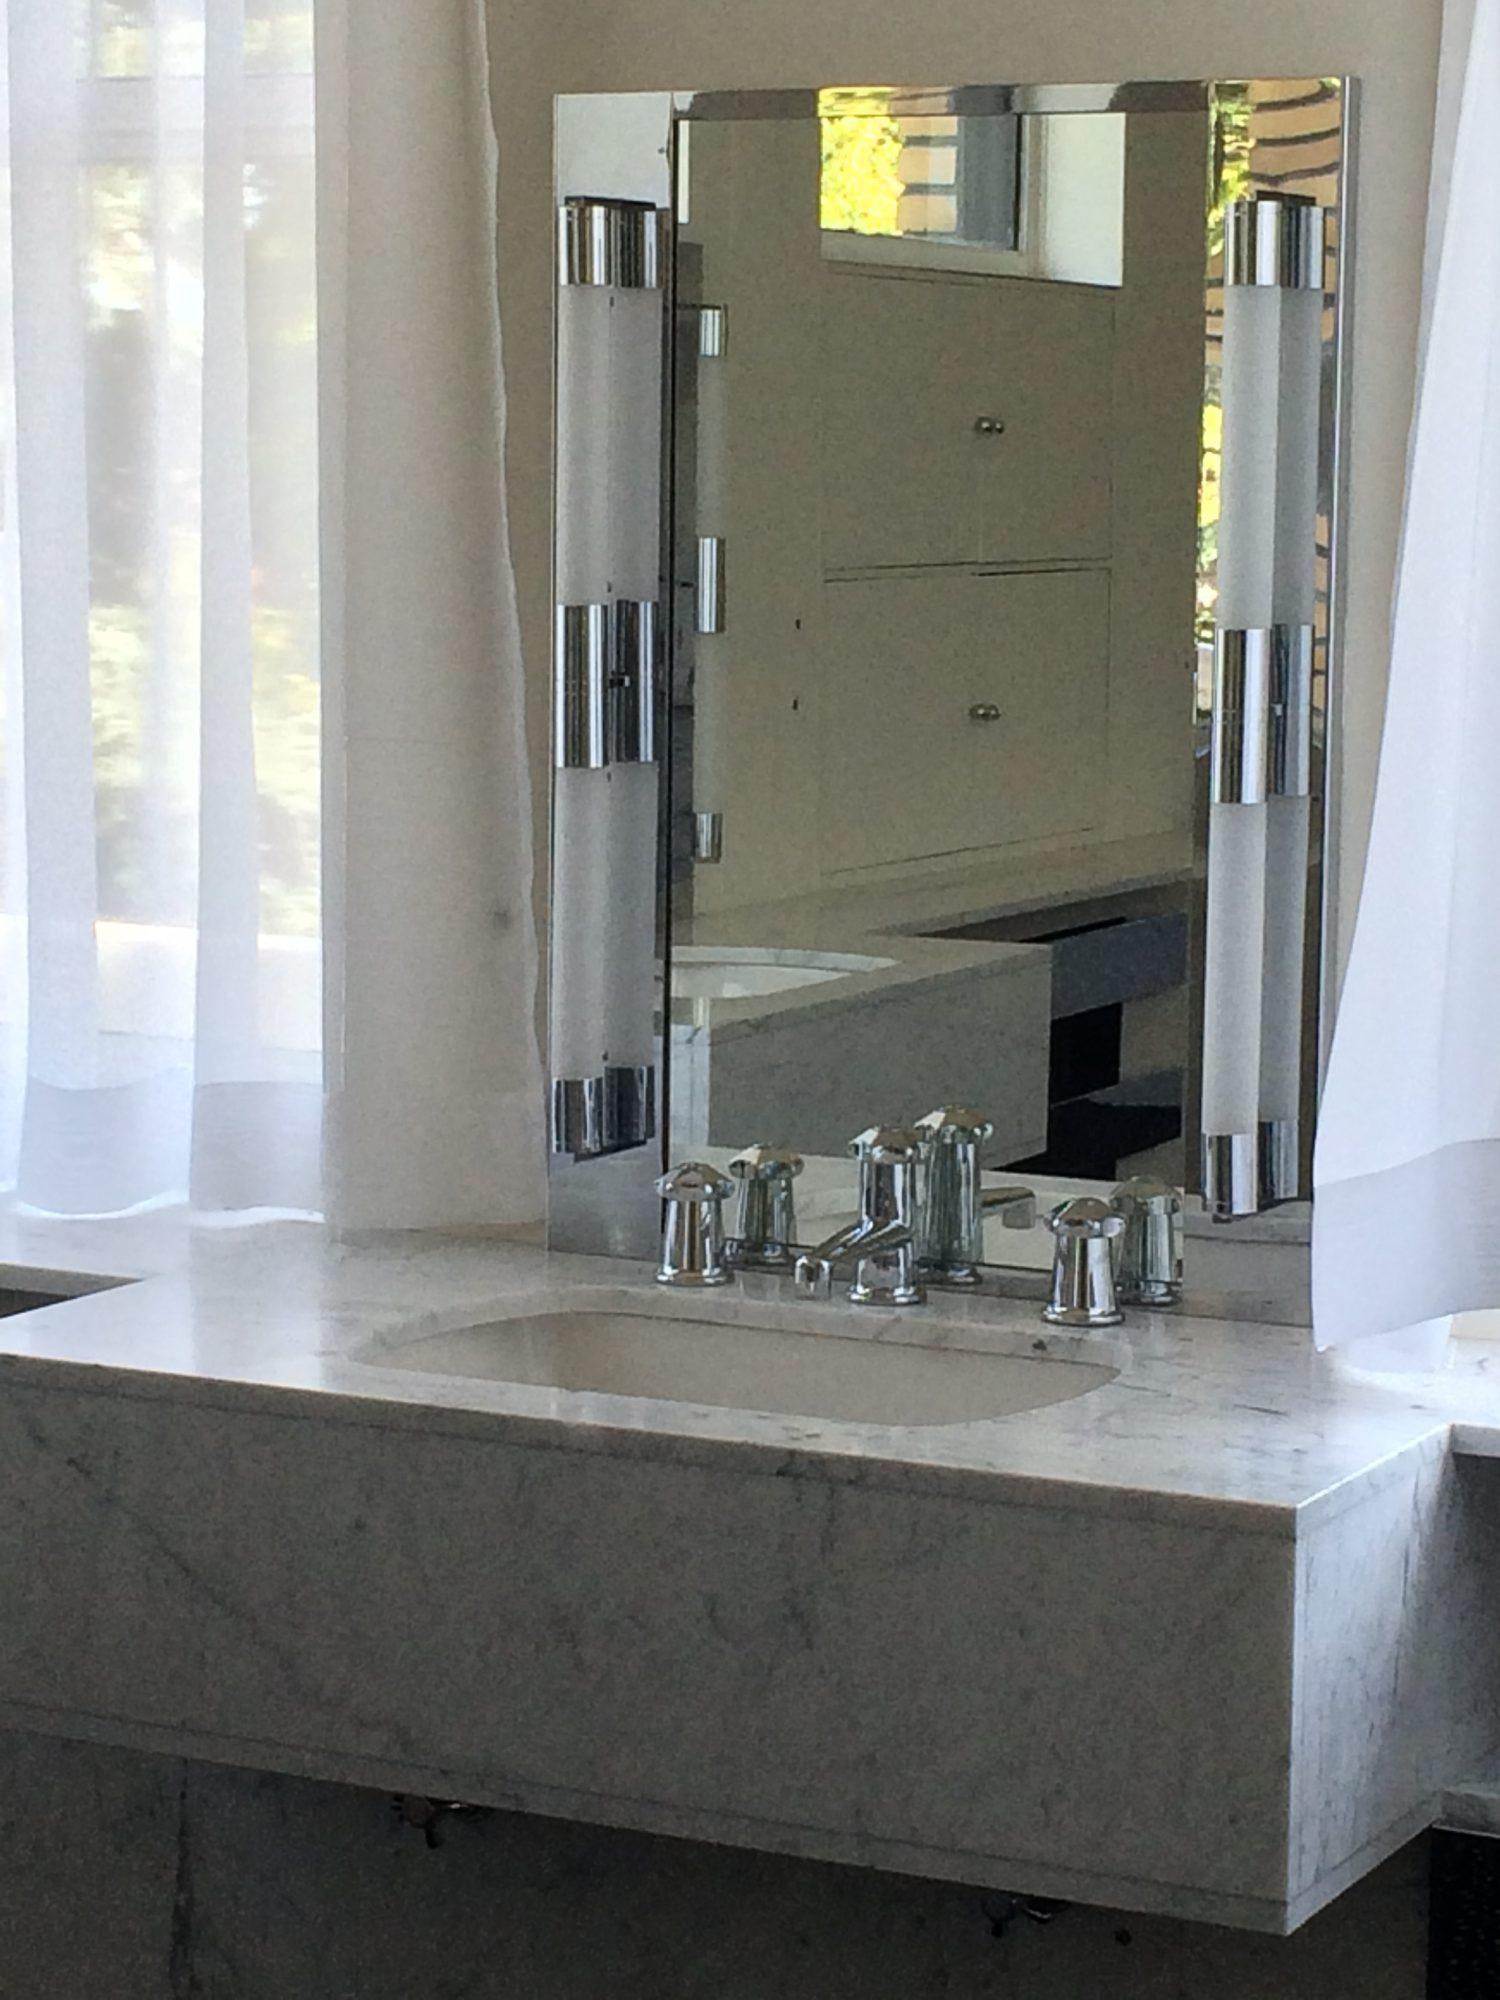 Astuce Rangement Salle De Bain Ikea ~ Eux D Corateurs Et Designers Archives Kty L D Coratrice D